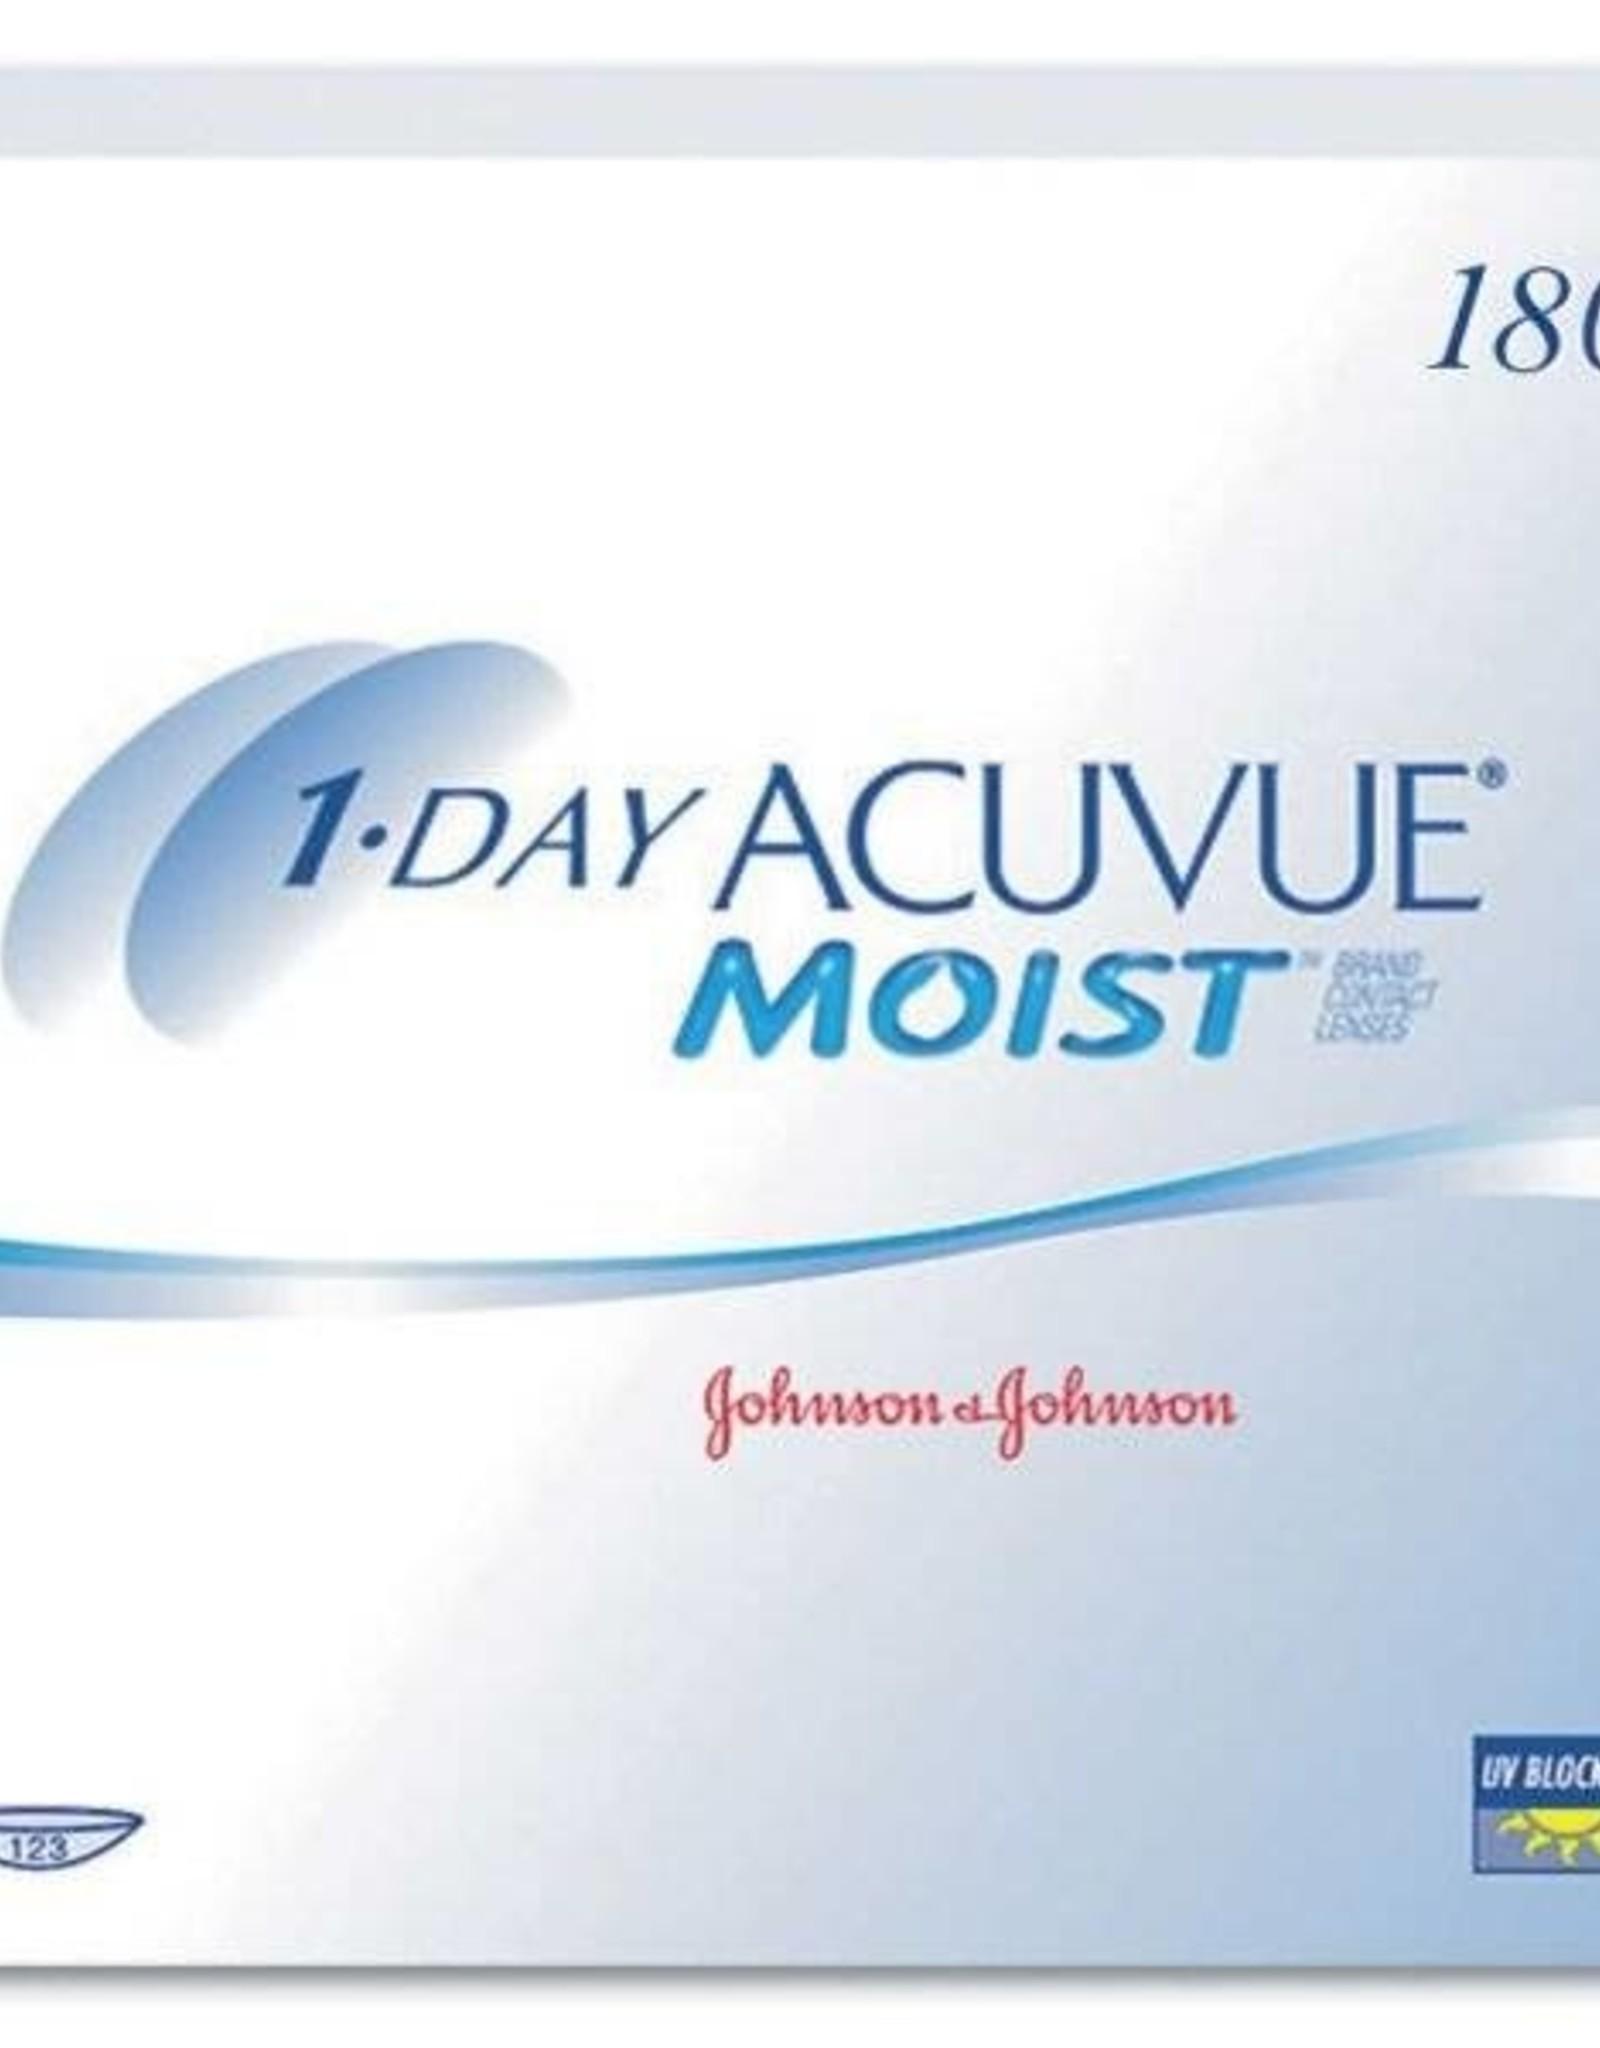 Acuvue 1-Day Moist 180er Box